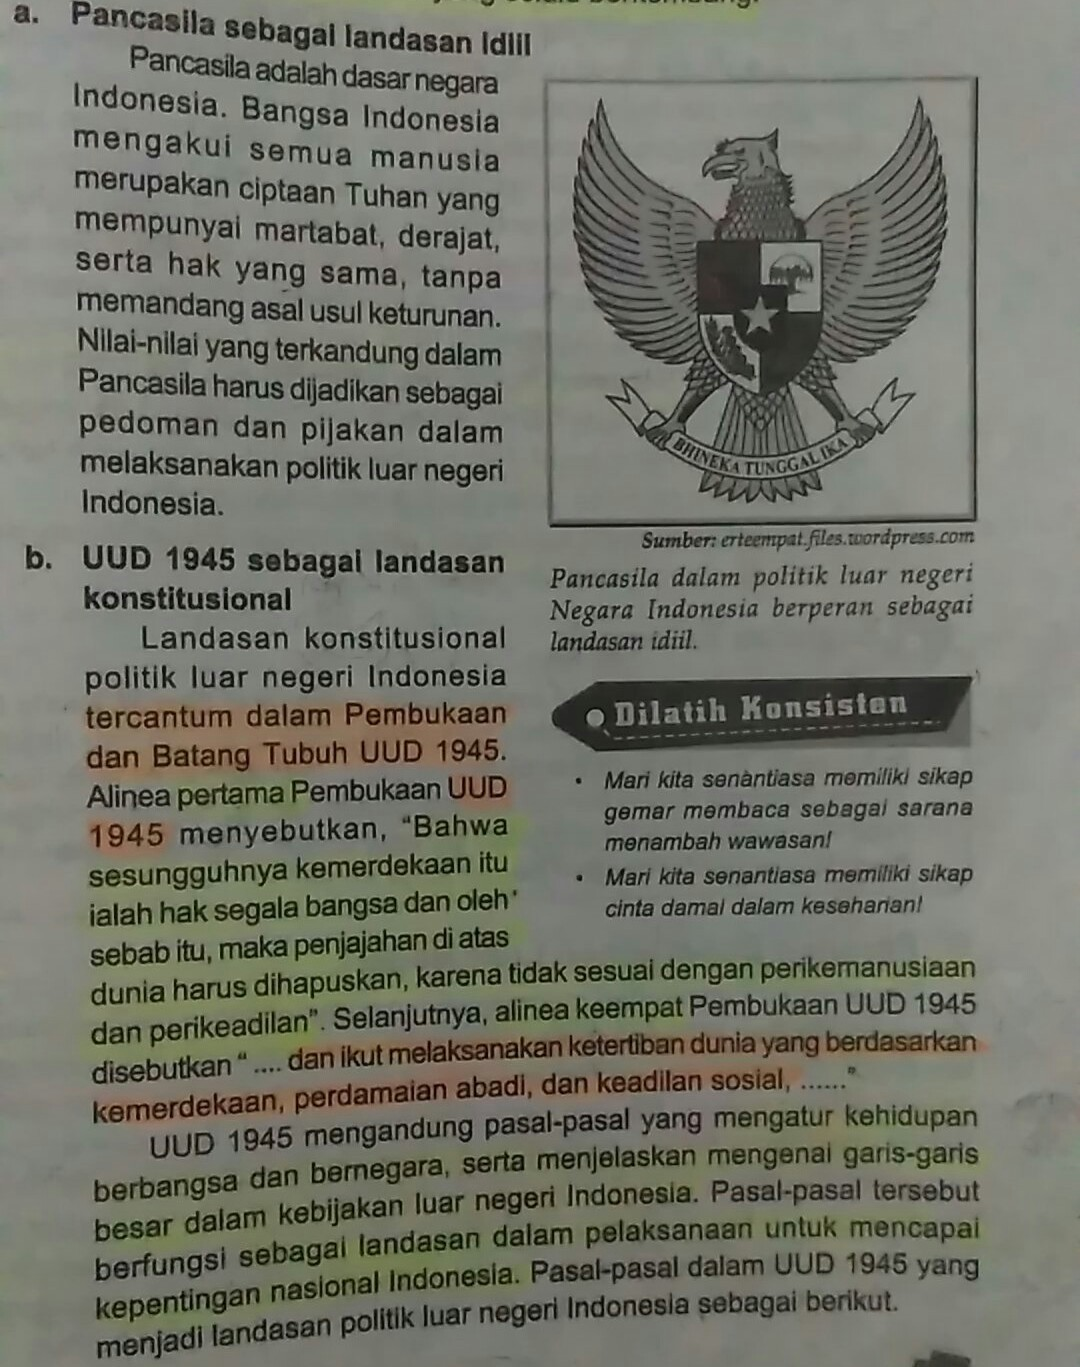 Landasan Politik Luar Negeri Indonesia : landasan, politik, negeri, indonesia, Landasan, Konstitussional, Politik, Negeri, Yaitu, Brainly.co.id